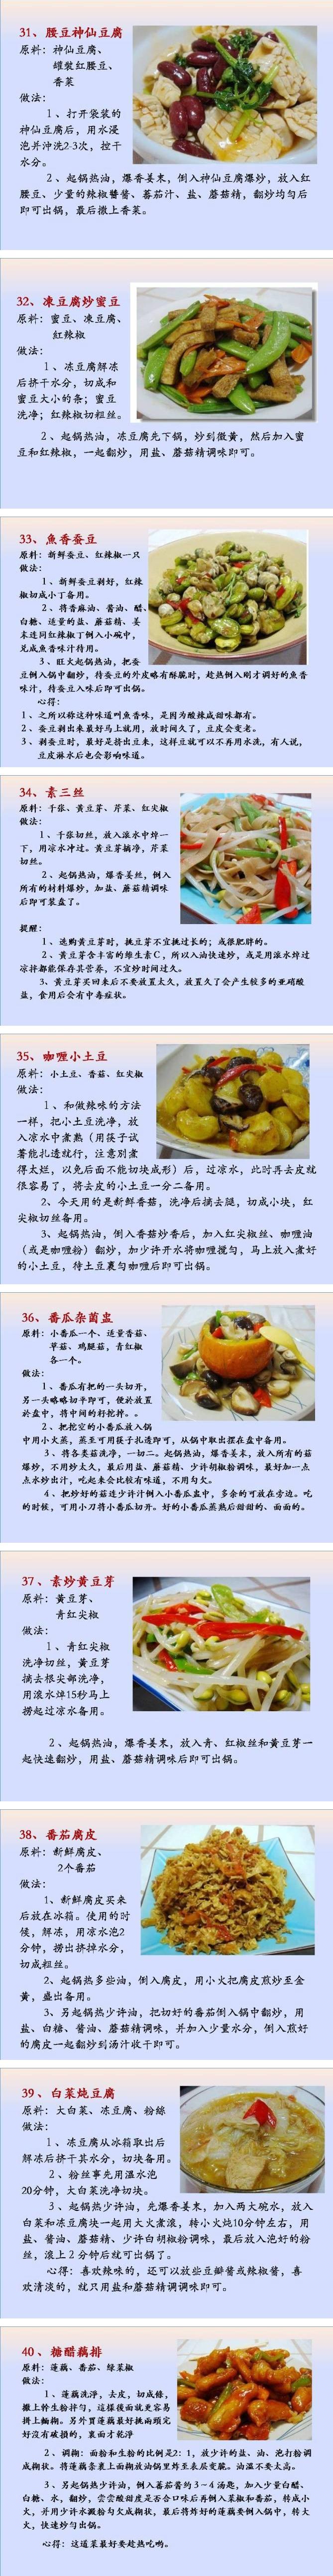 100道素菜做法搜罗04